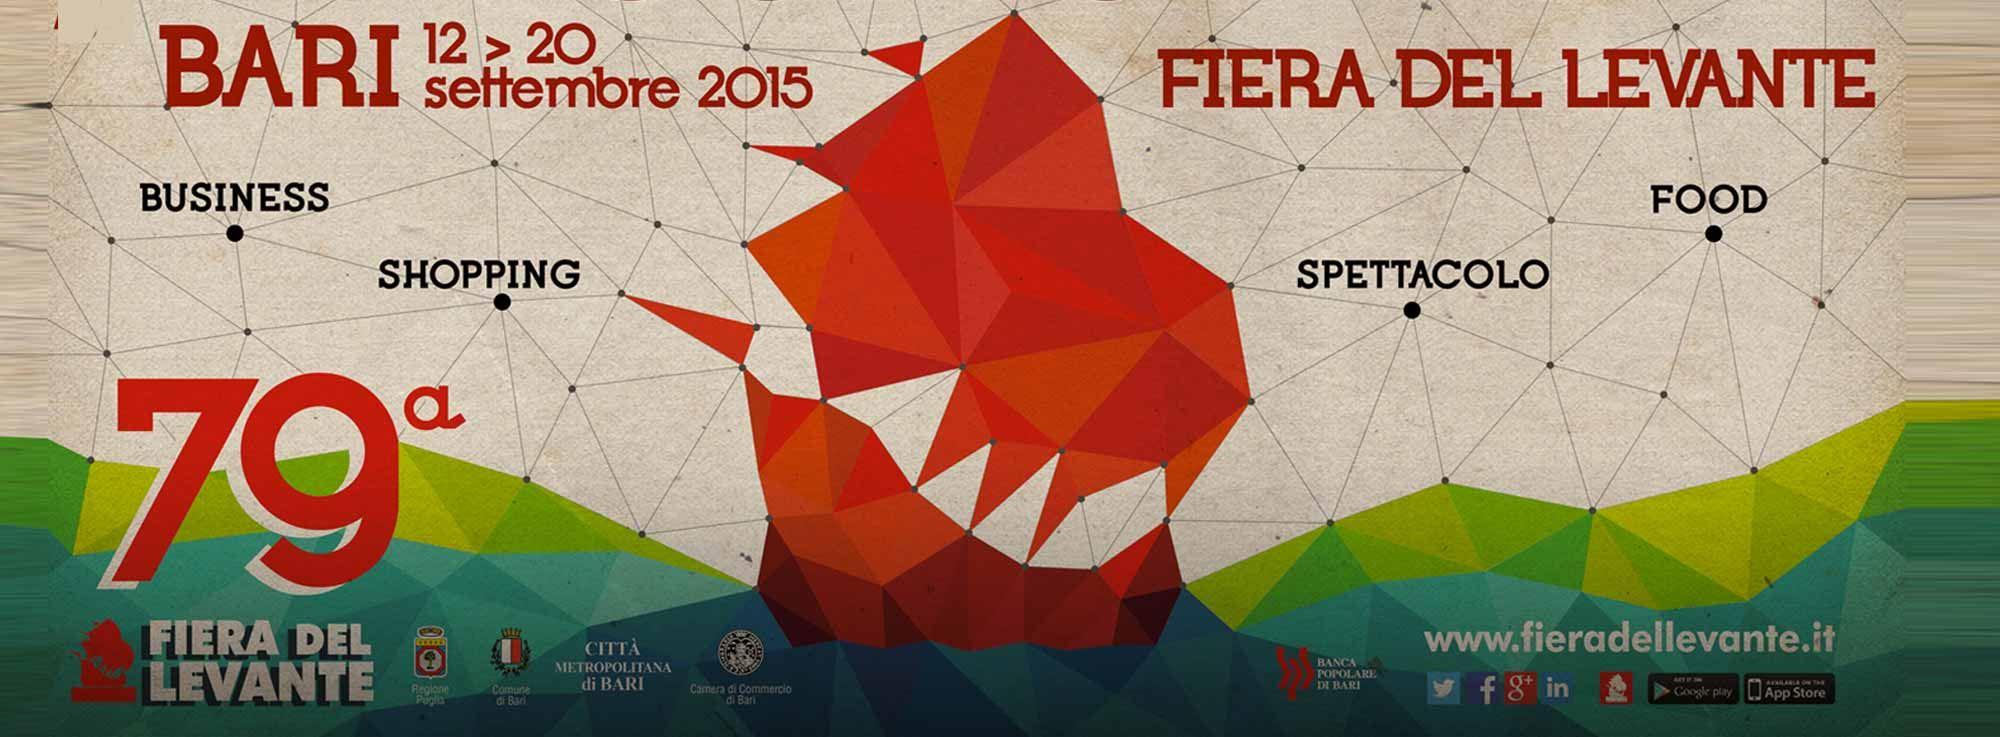 Bari: Fiera del Levante 2015